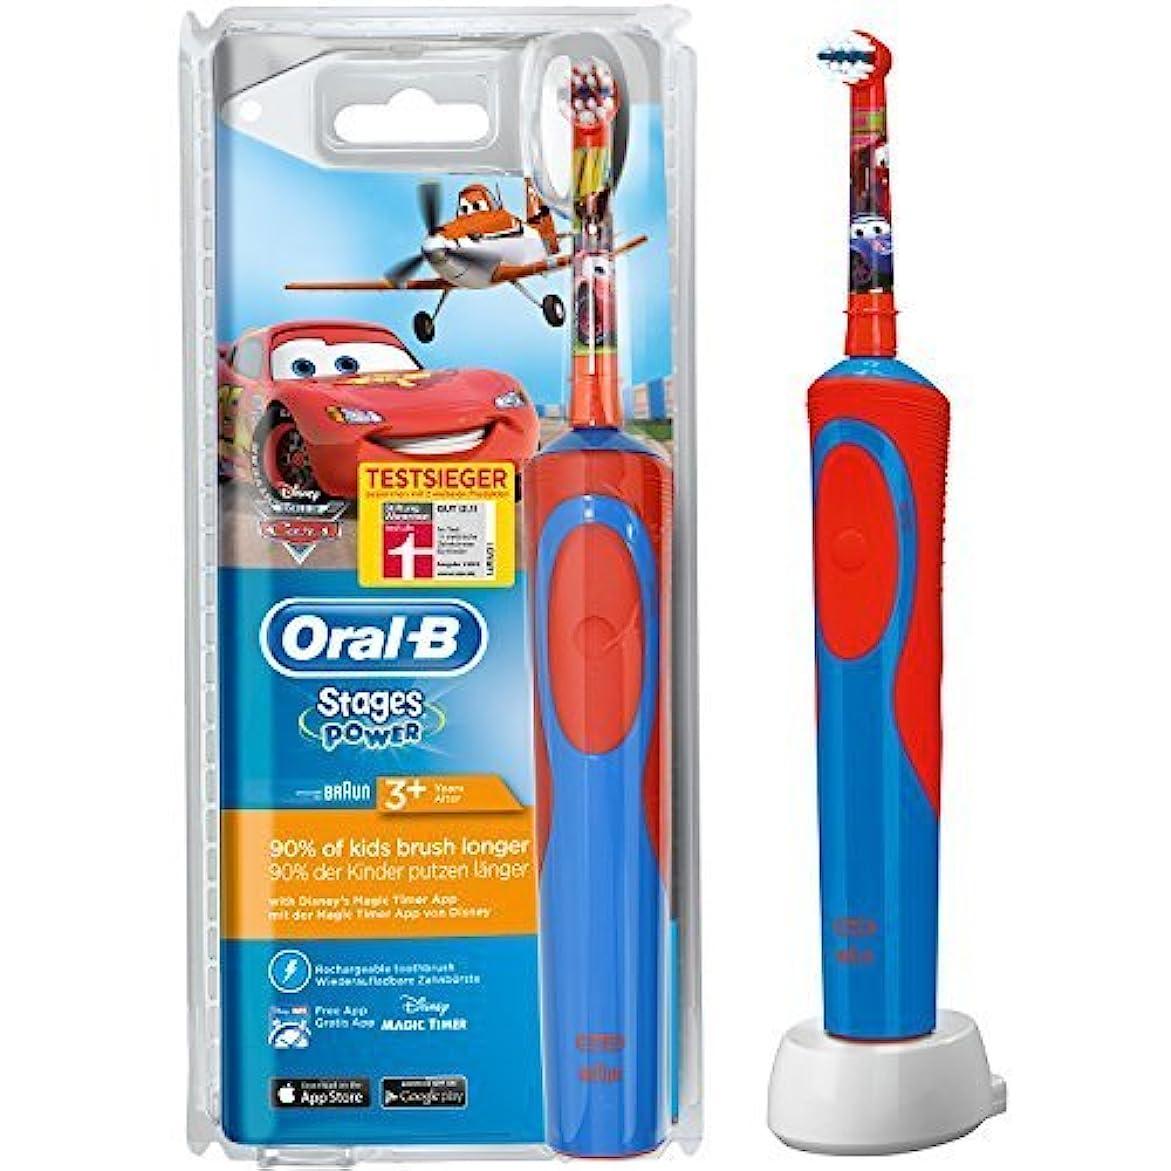 平日ねじれフェミニンOral-B Stages Power Cars Children's Electric Toothbrush with Timer by Oral-B [並行輸入品]